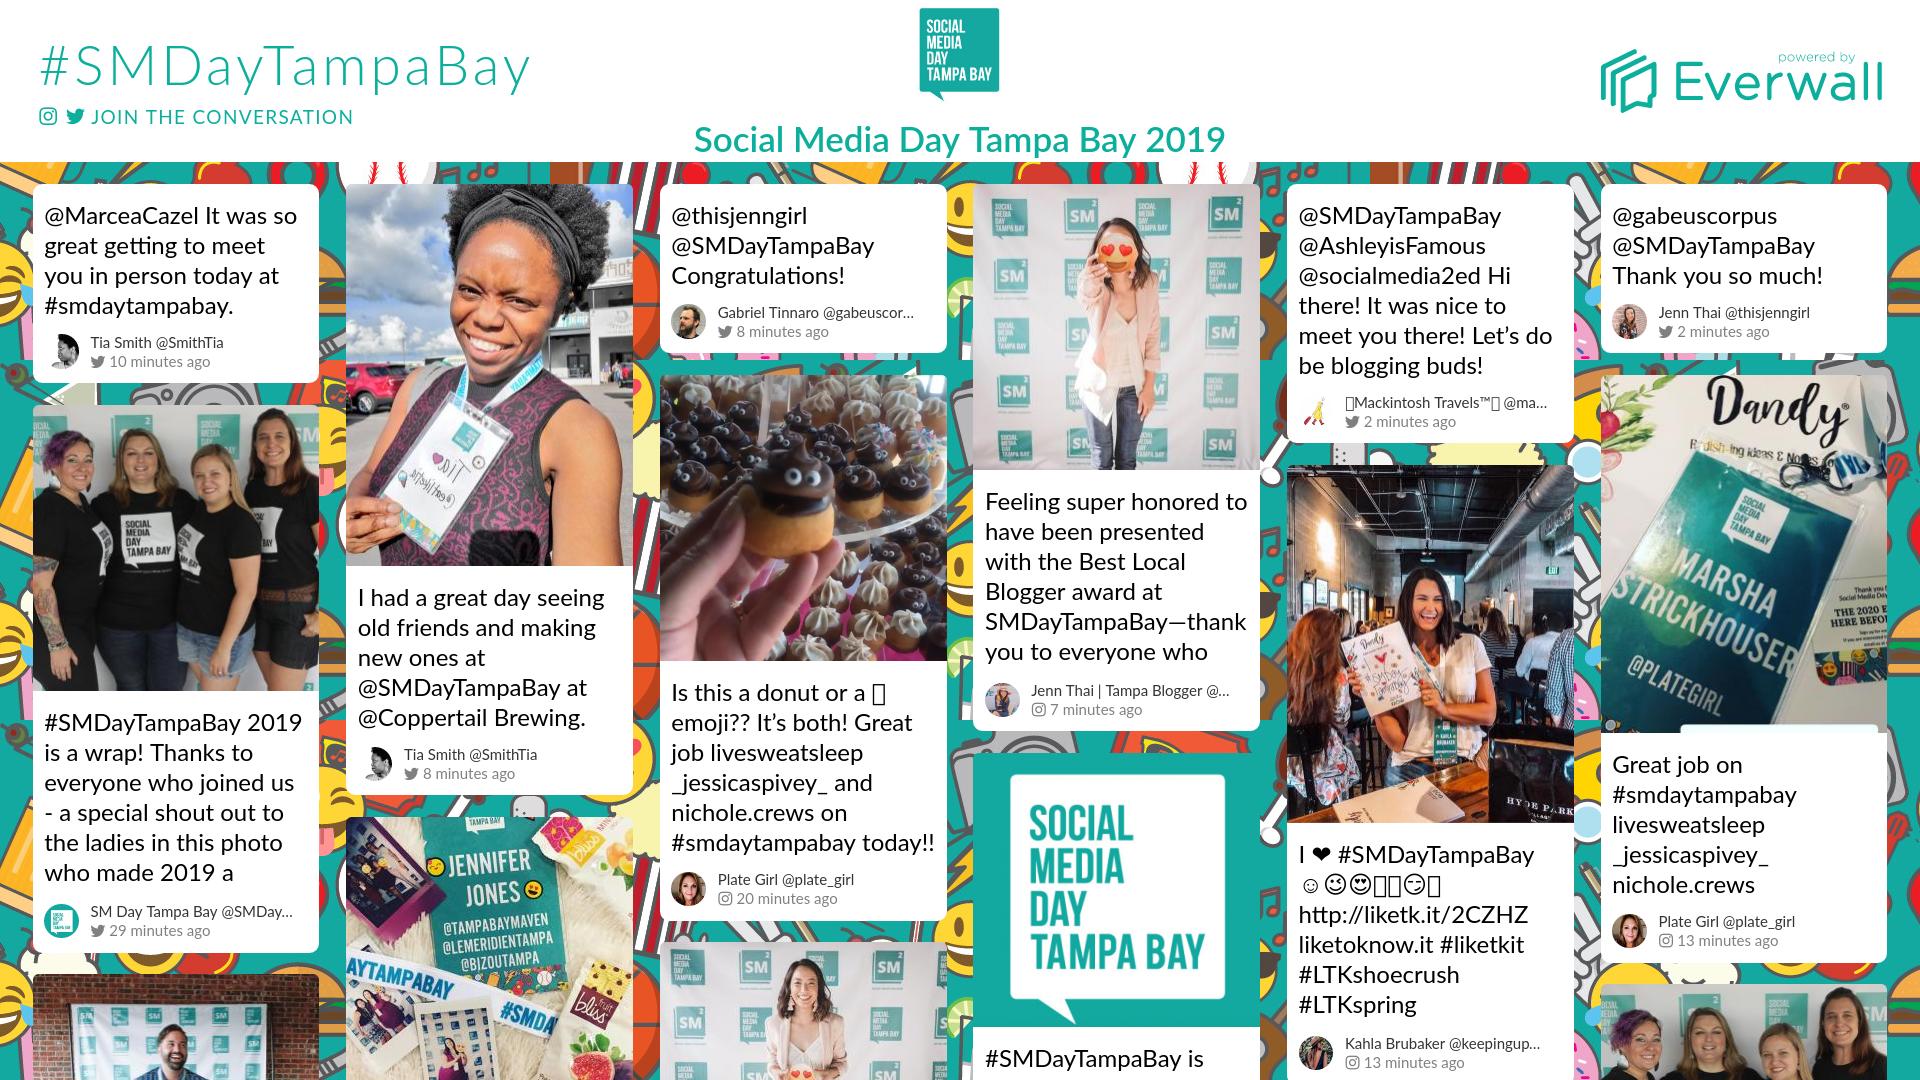 Social Media Day Tampa Bay